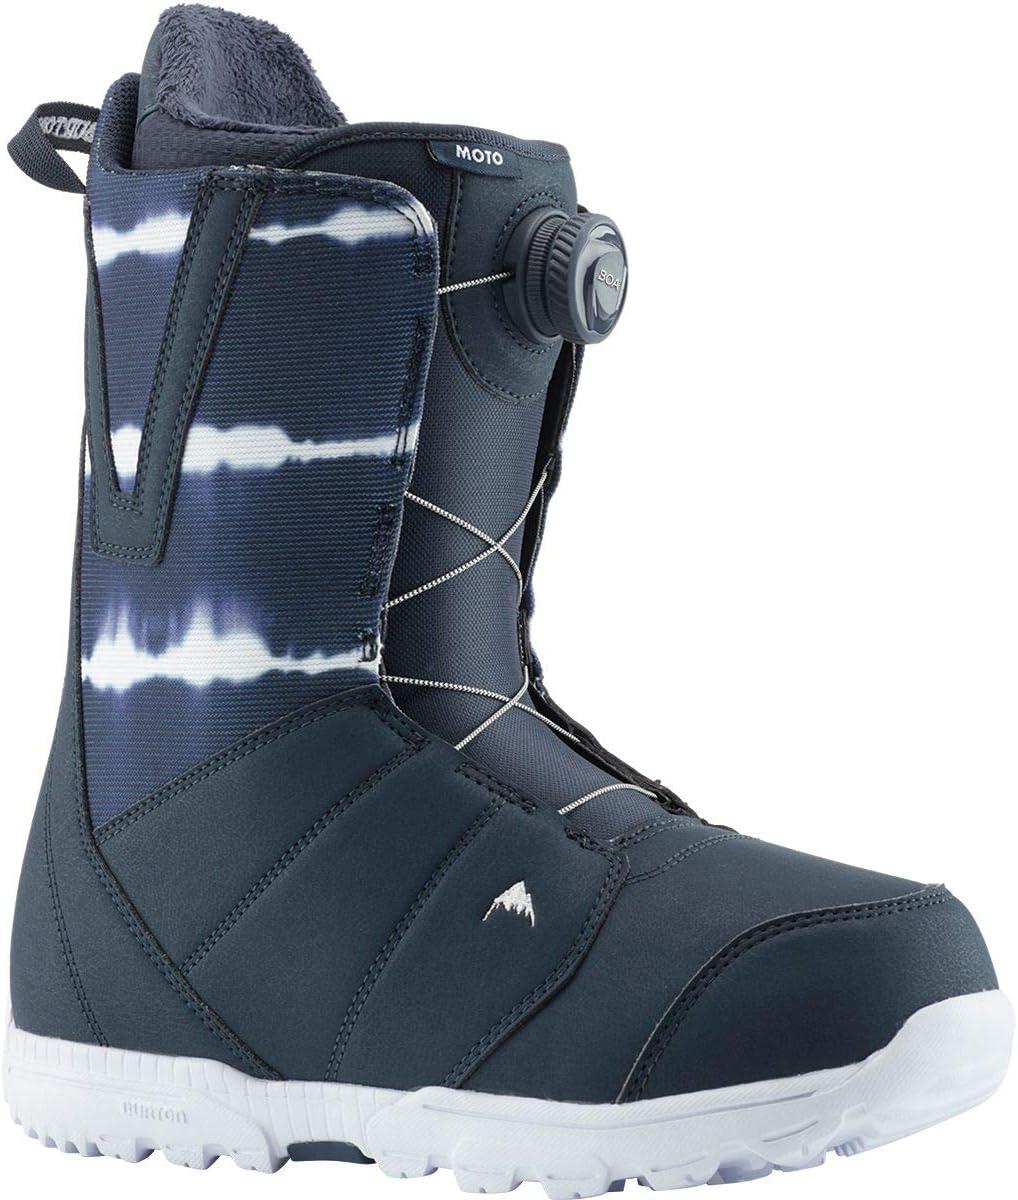 バートン スノーボードブーツ ダイヤルタイプ メンズ Men's Moto Boa Snowboard Boot BL モトボア 131761 BL 25.5